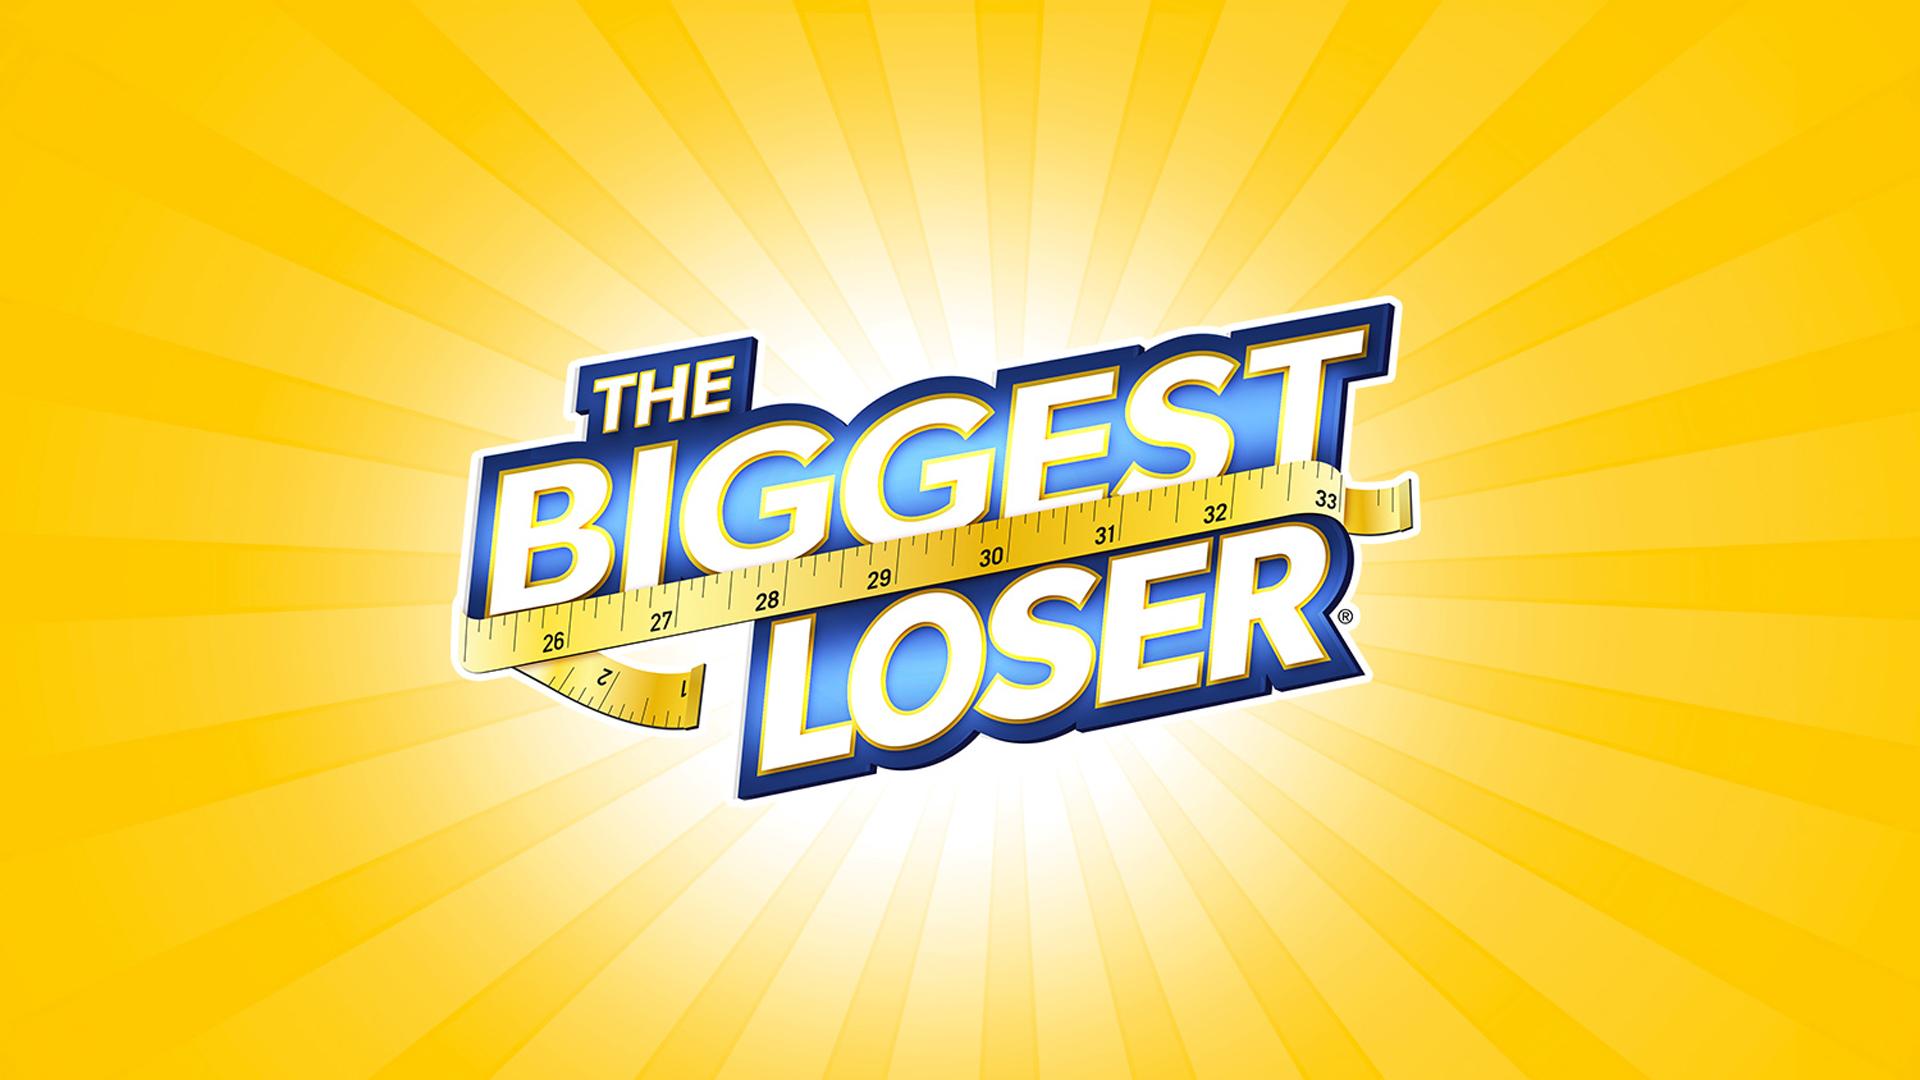 The Biggest Loser Online